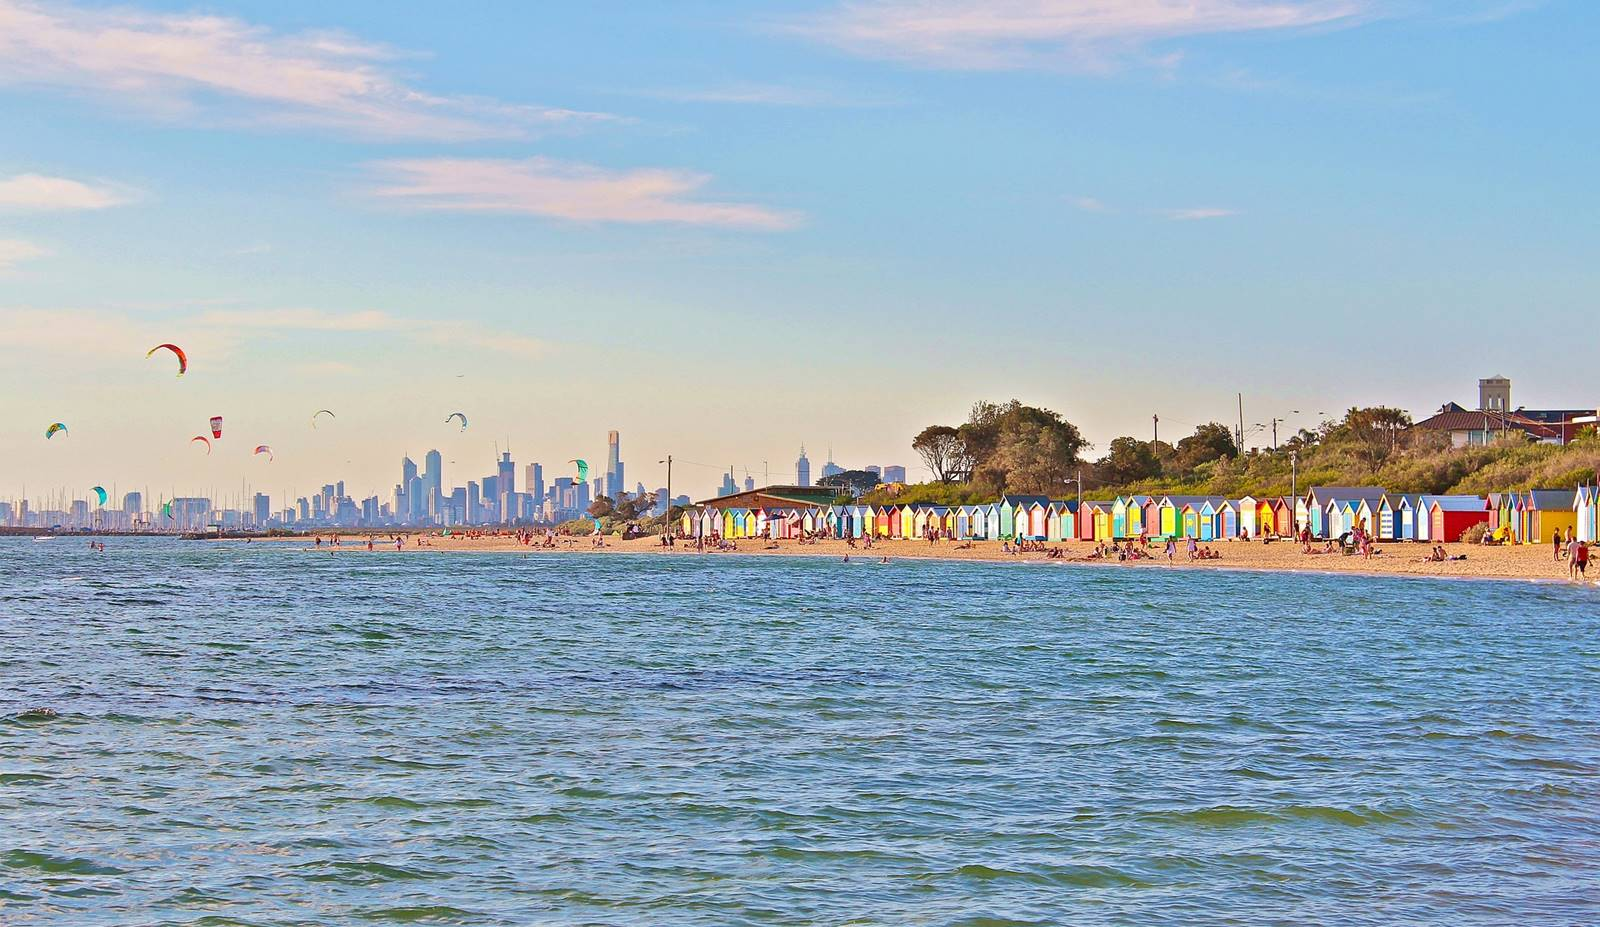 墨爾本-郊區-推薦-景點-彩虹小屋-Brighton Bathing Boxes-墨爾本必玩景點-墨爾本必遊景點-墨爾本必去景點-行程-自由行-墨爾本旅遊景點-墨爾本觀光景點-墨爾本好玩景點Melbourne-Travel-Attractions